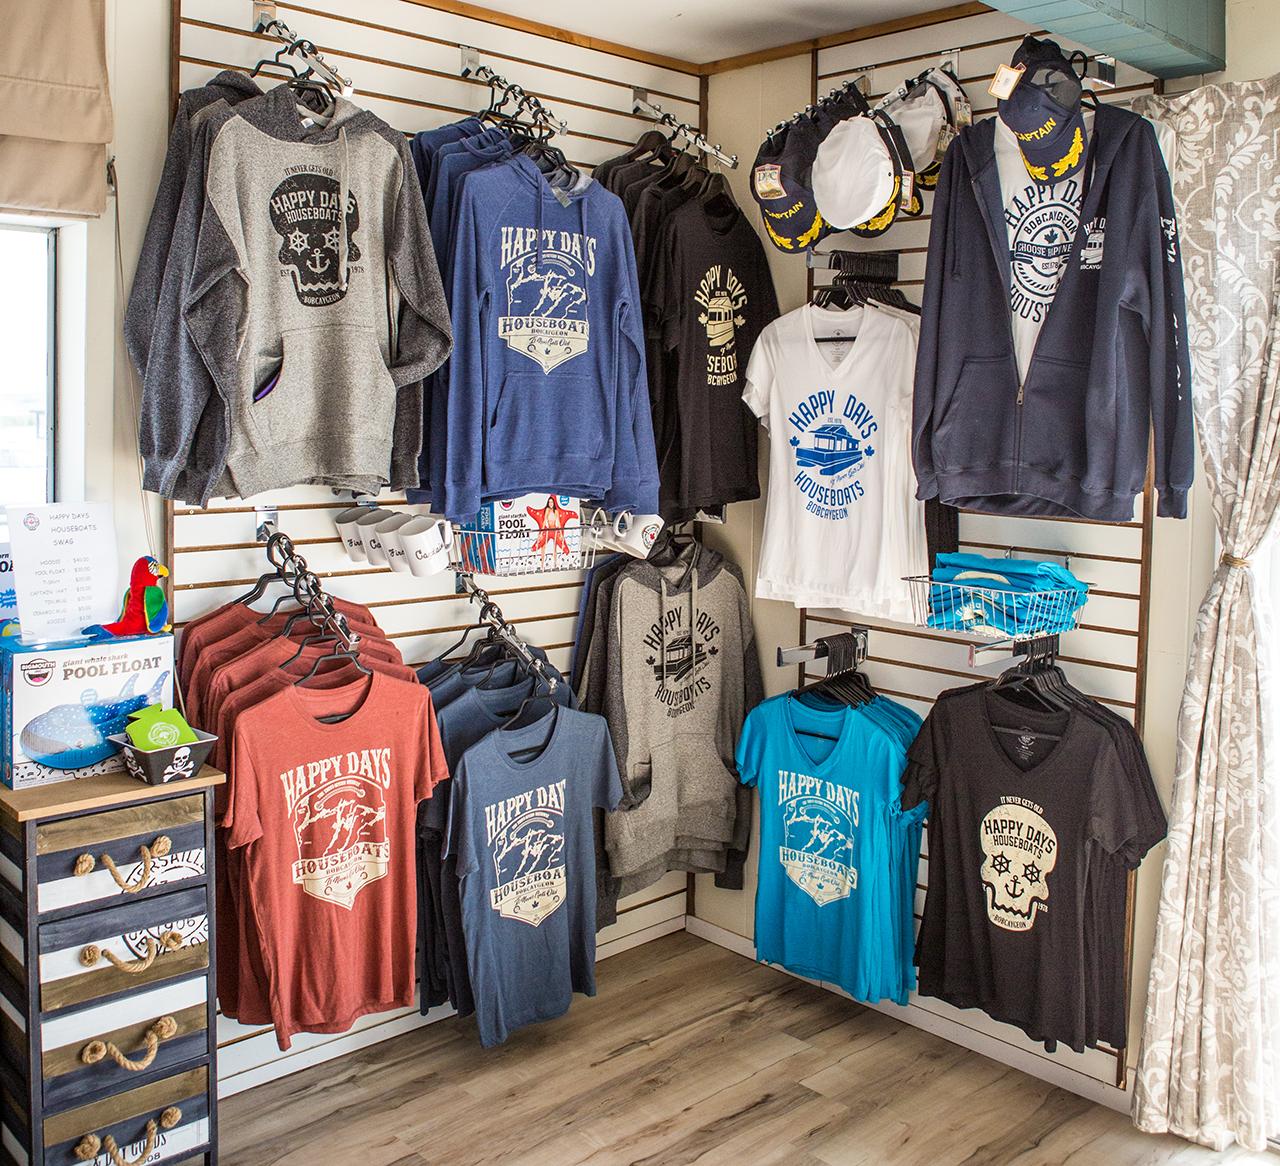 Happy Days Houseboats Merchandise